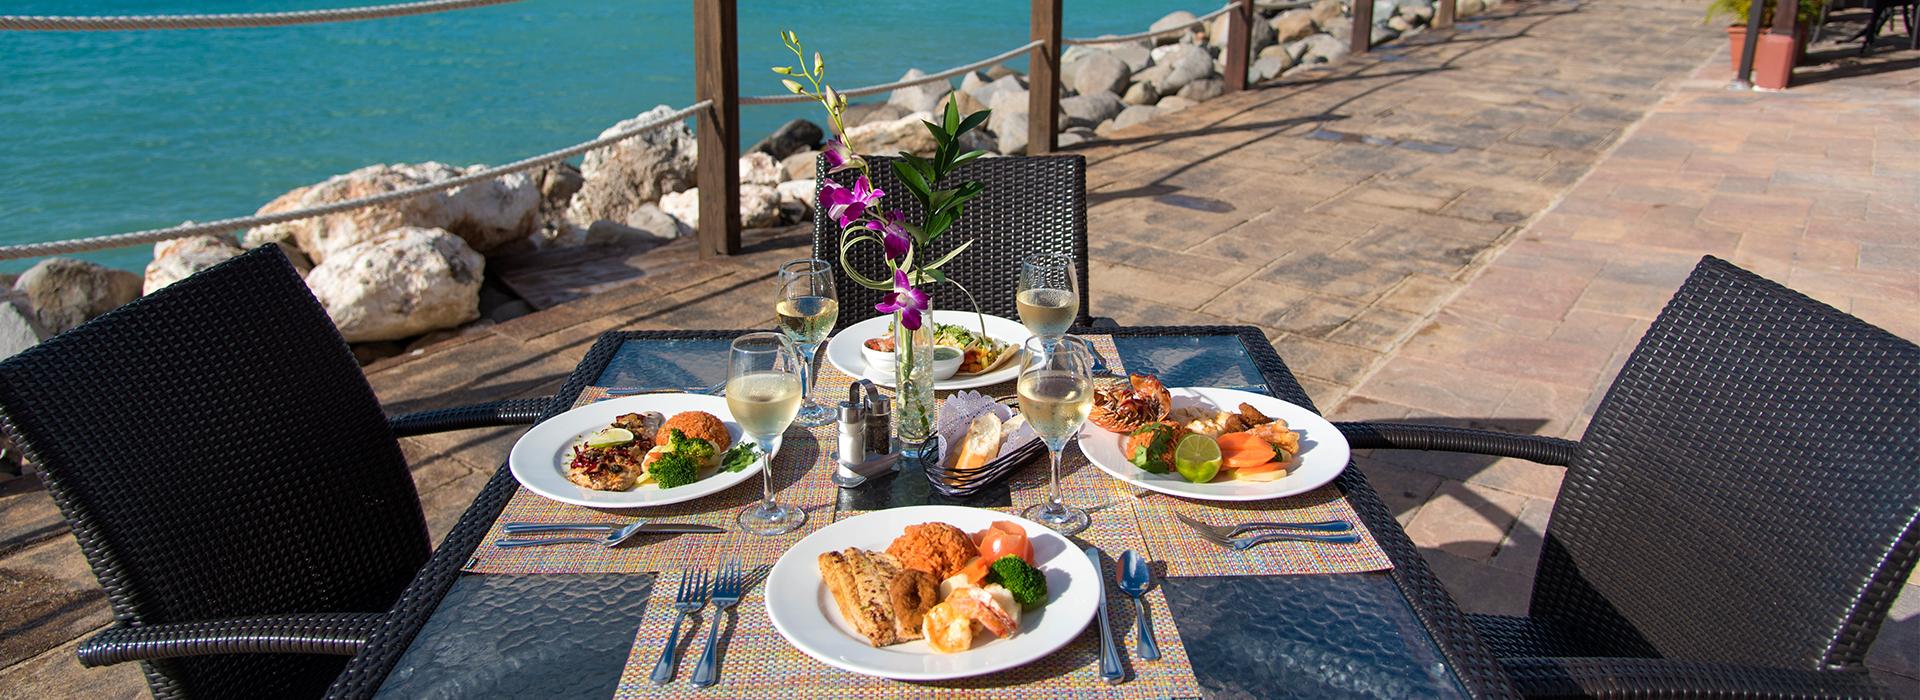 restaurantes en la isla de st maarten